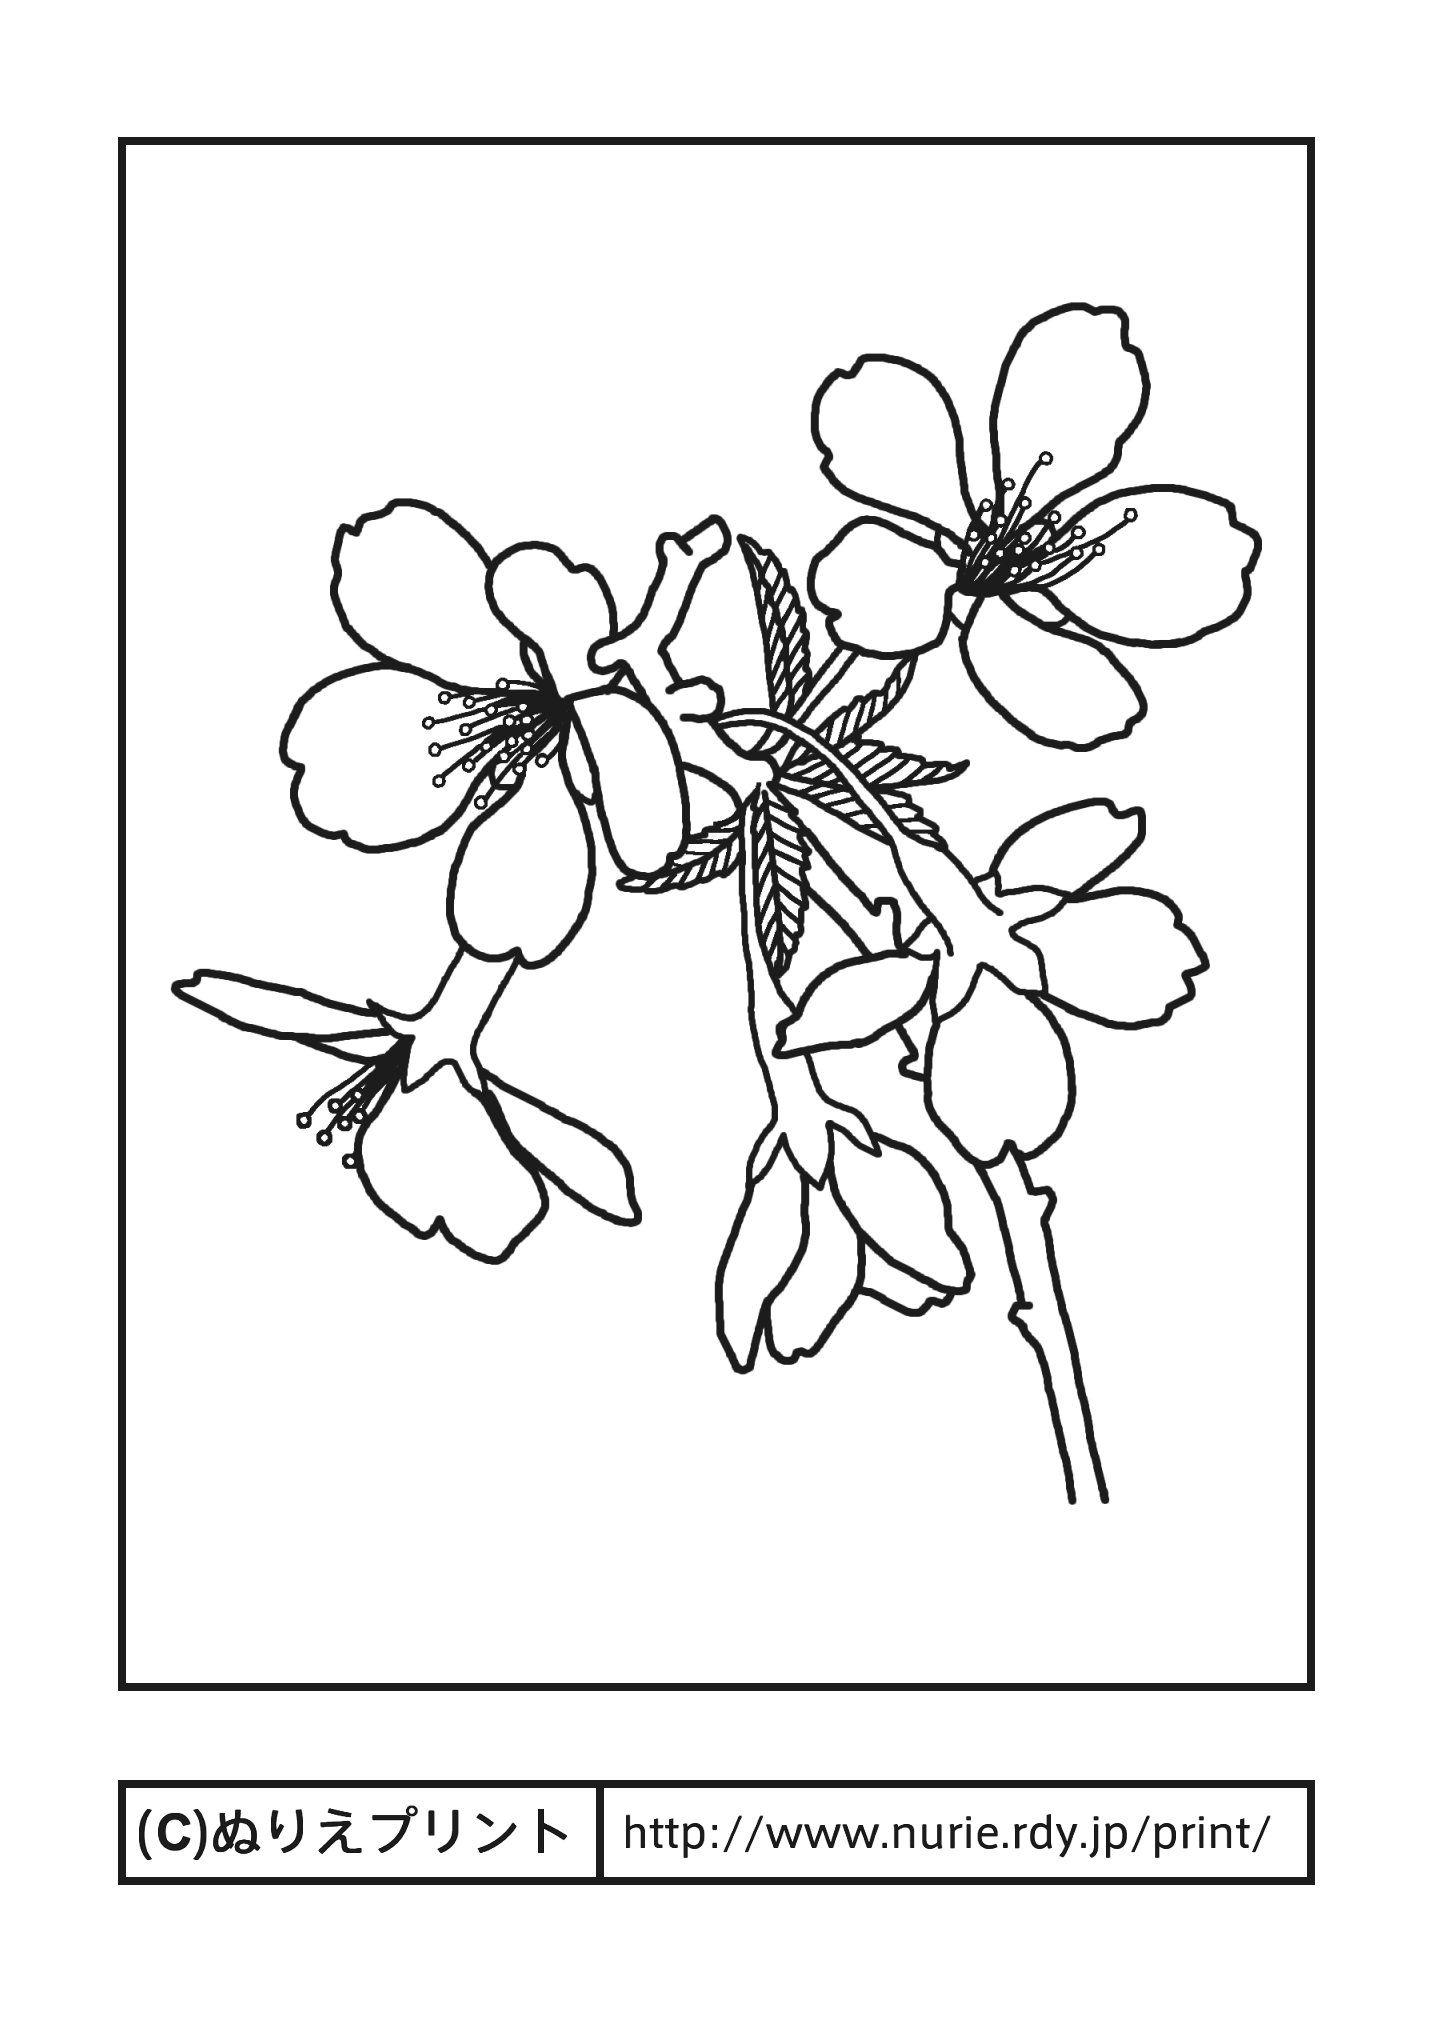 フジザクラ富士桜主線黒山梨県の花無料塗り絵都道府県ぬりえ